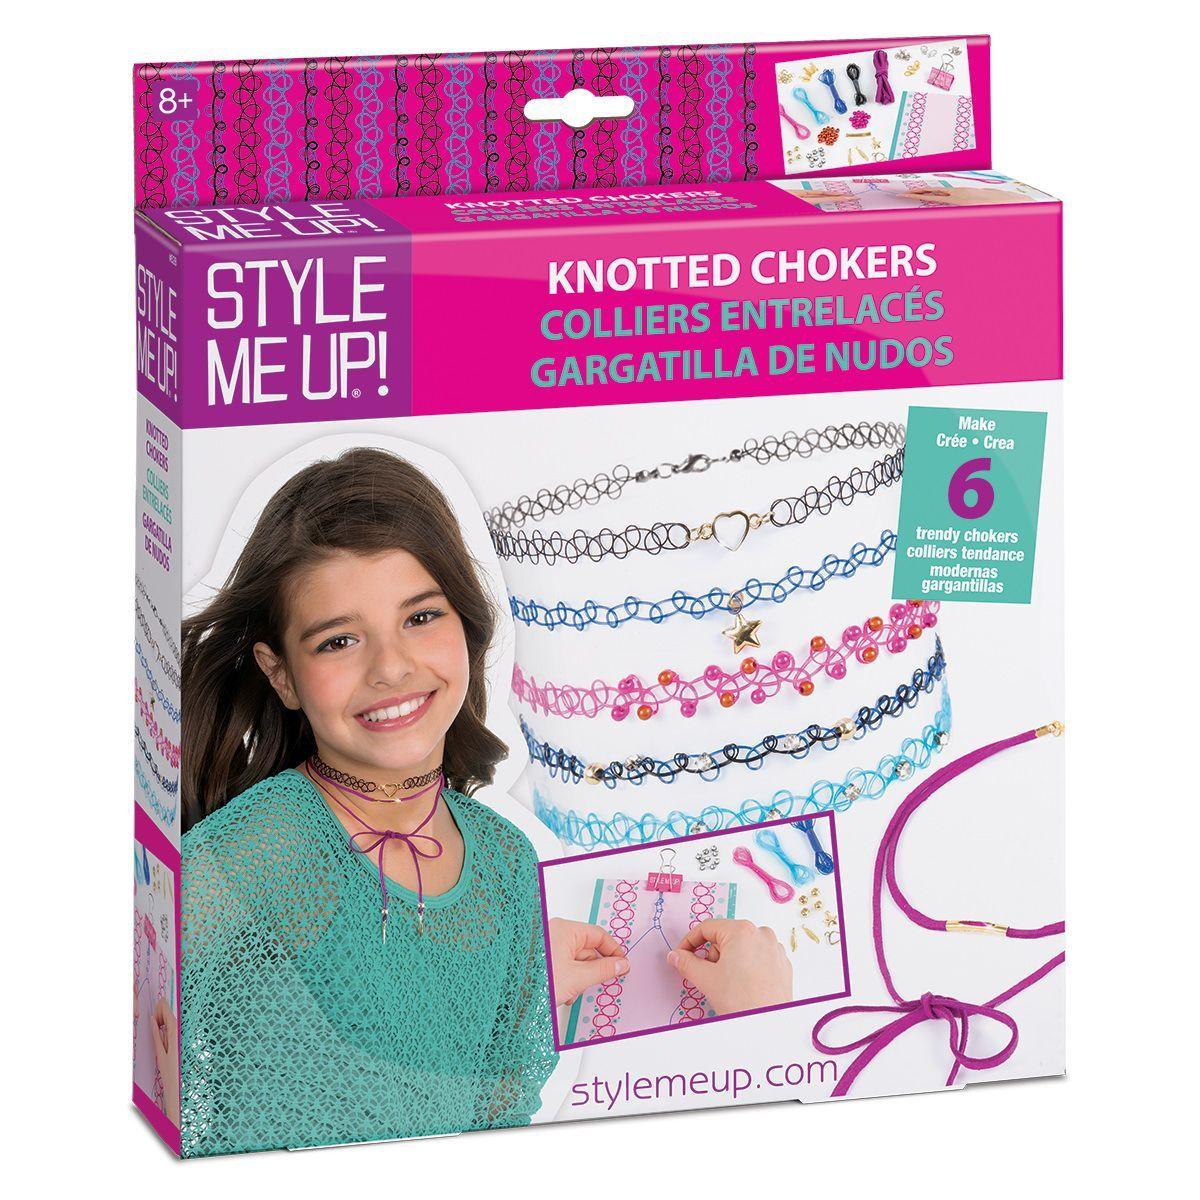 Набор Style Me Up для создания чокеровЮная модница, салон красоты<br>Набор Style Me Up для создания чокеров<br>